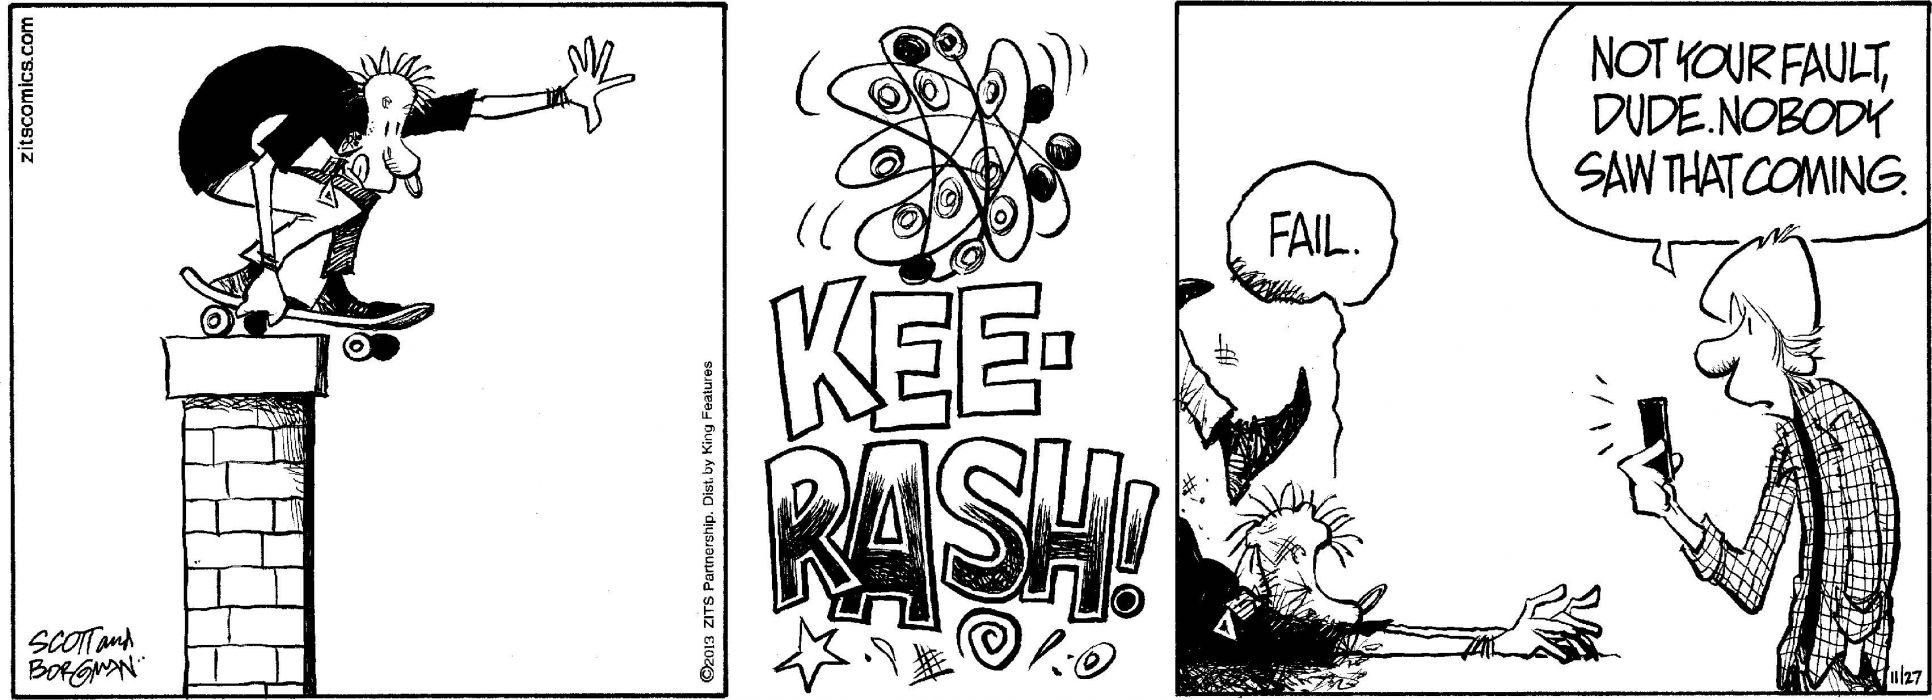 ZITS comicstrip humor funny (56) wallpaper